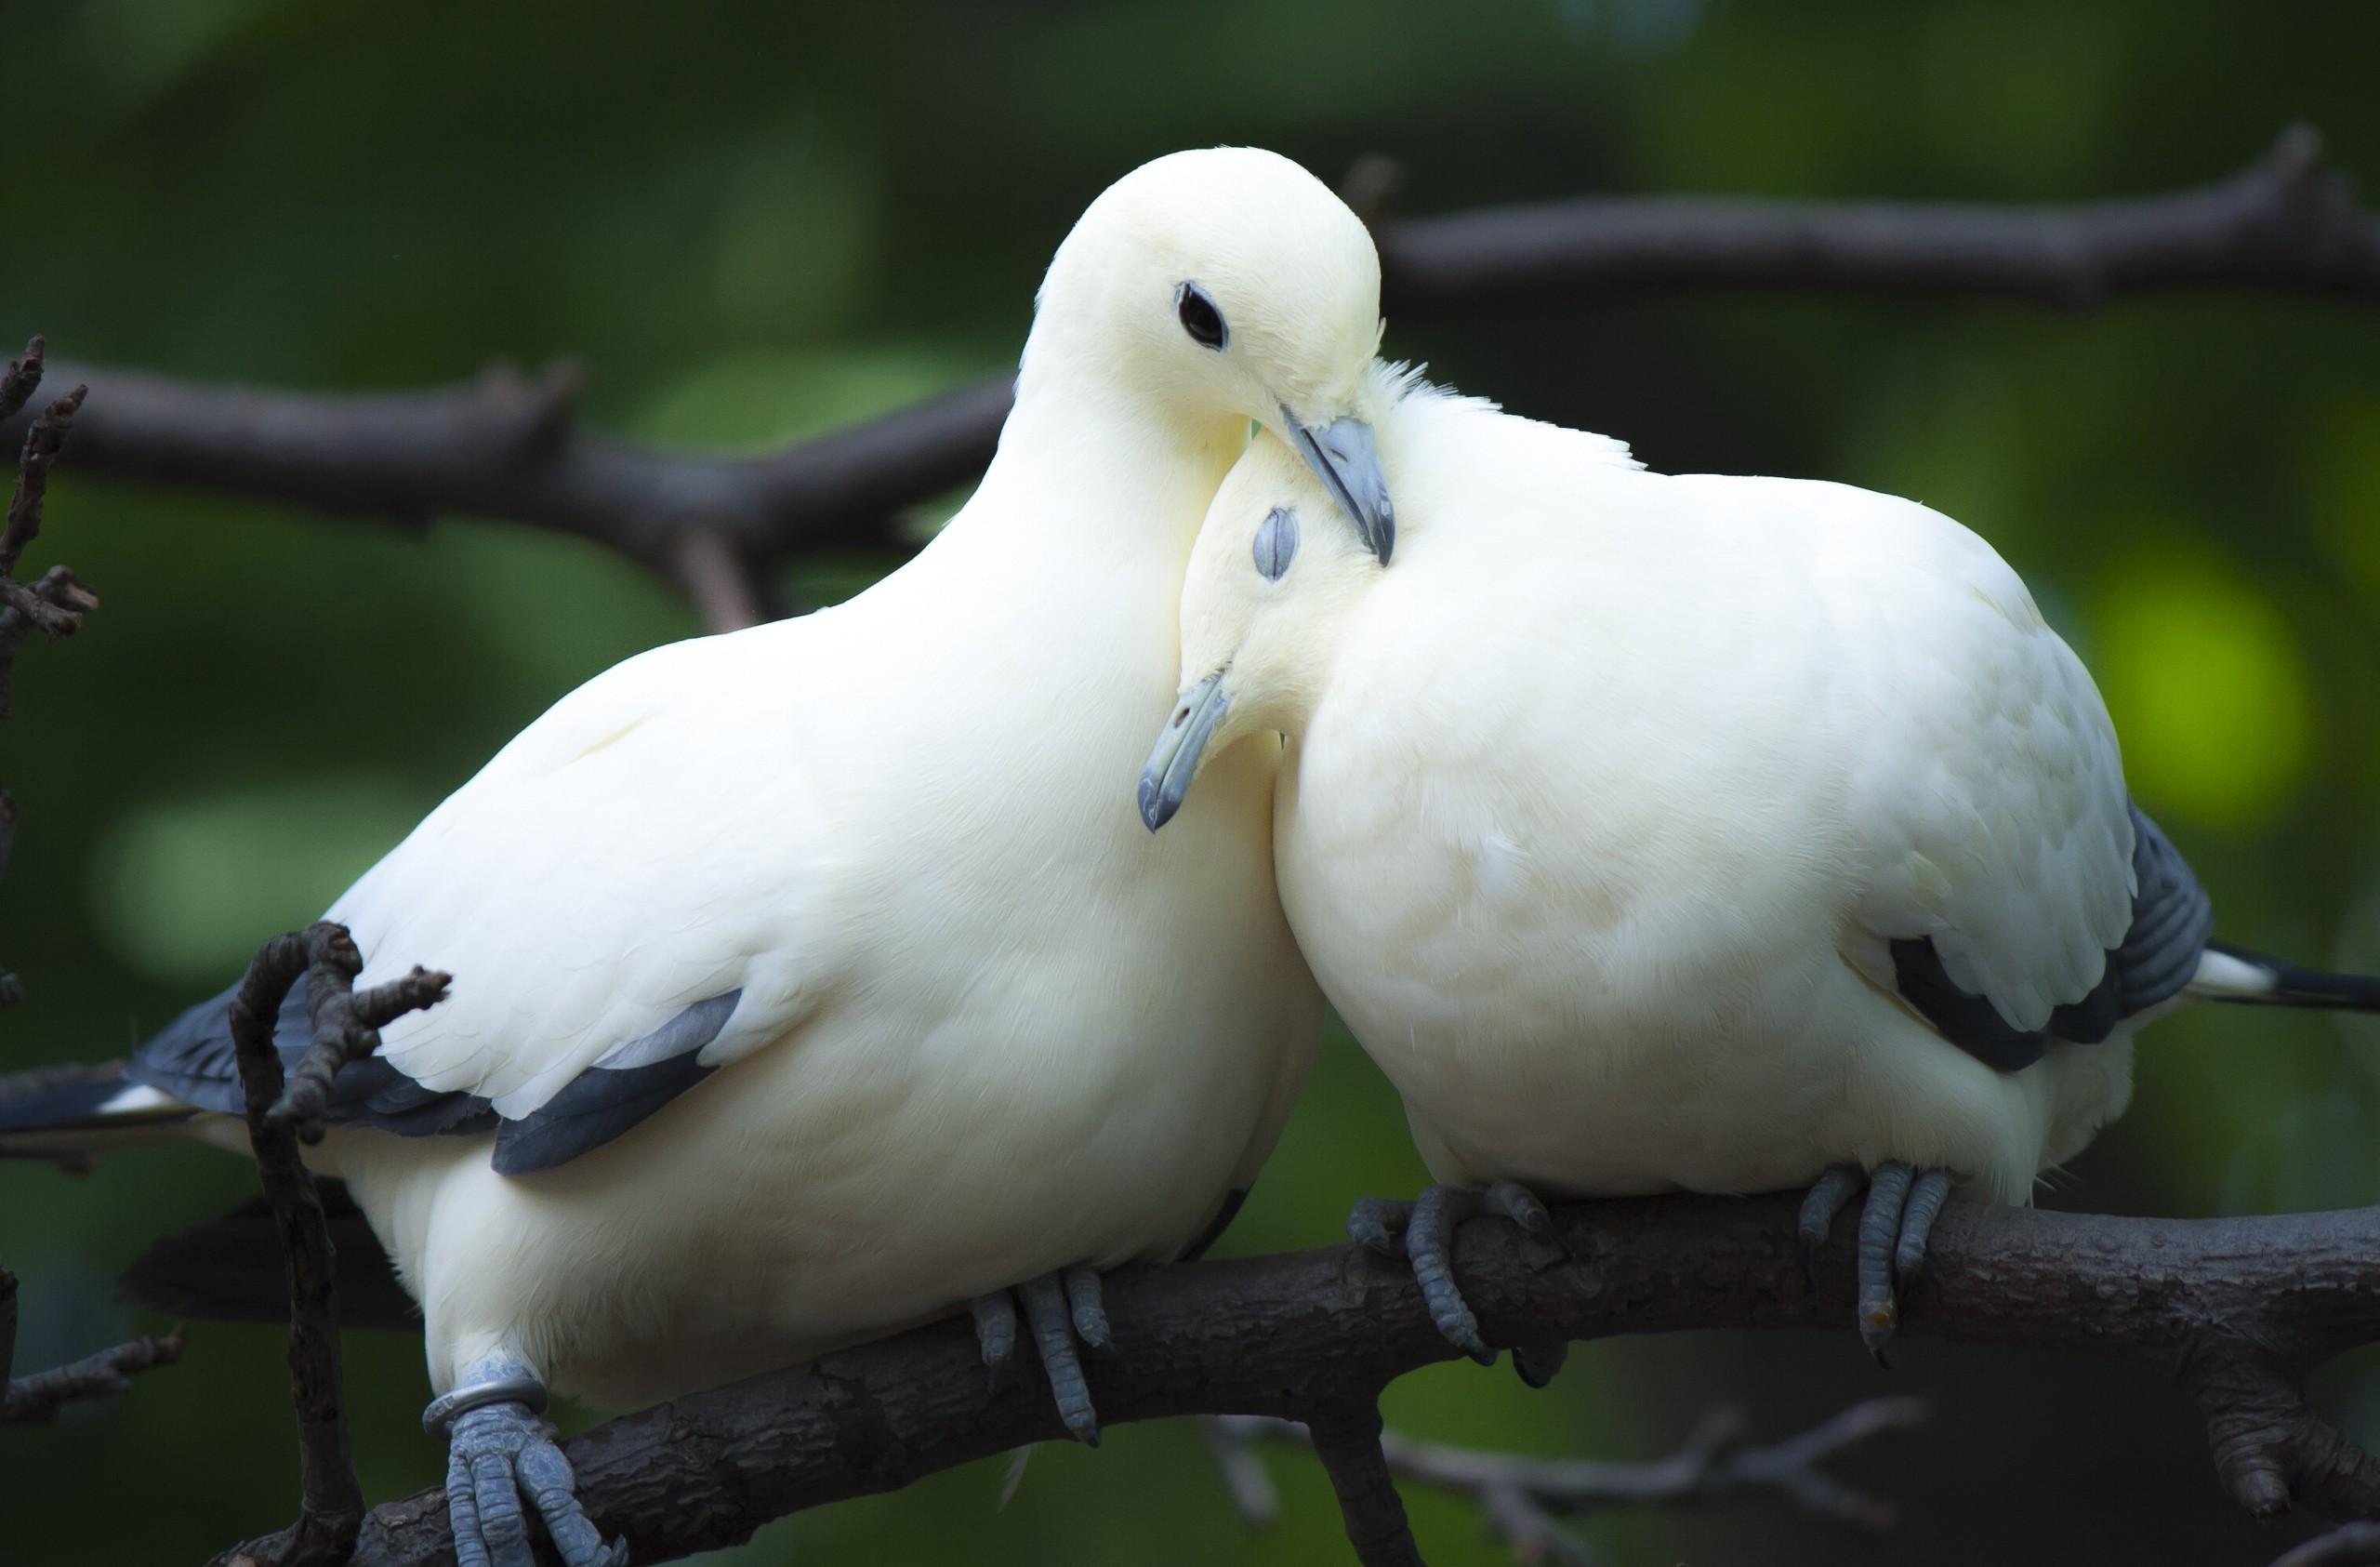 xem ảnh chim bồ câu